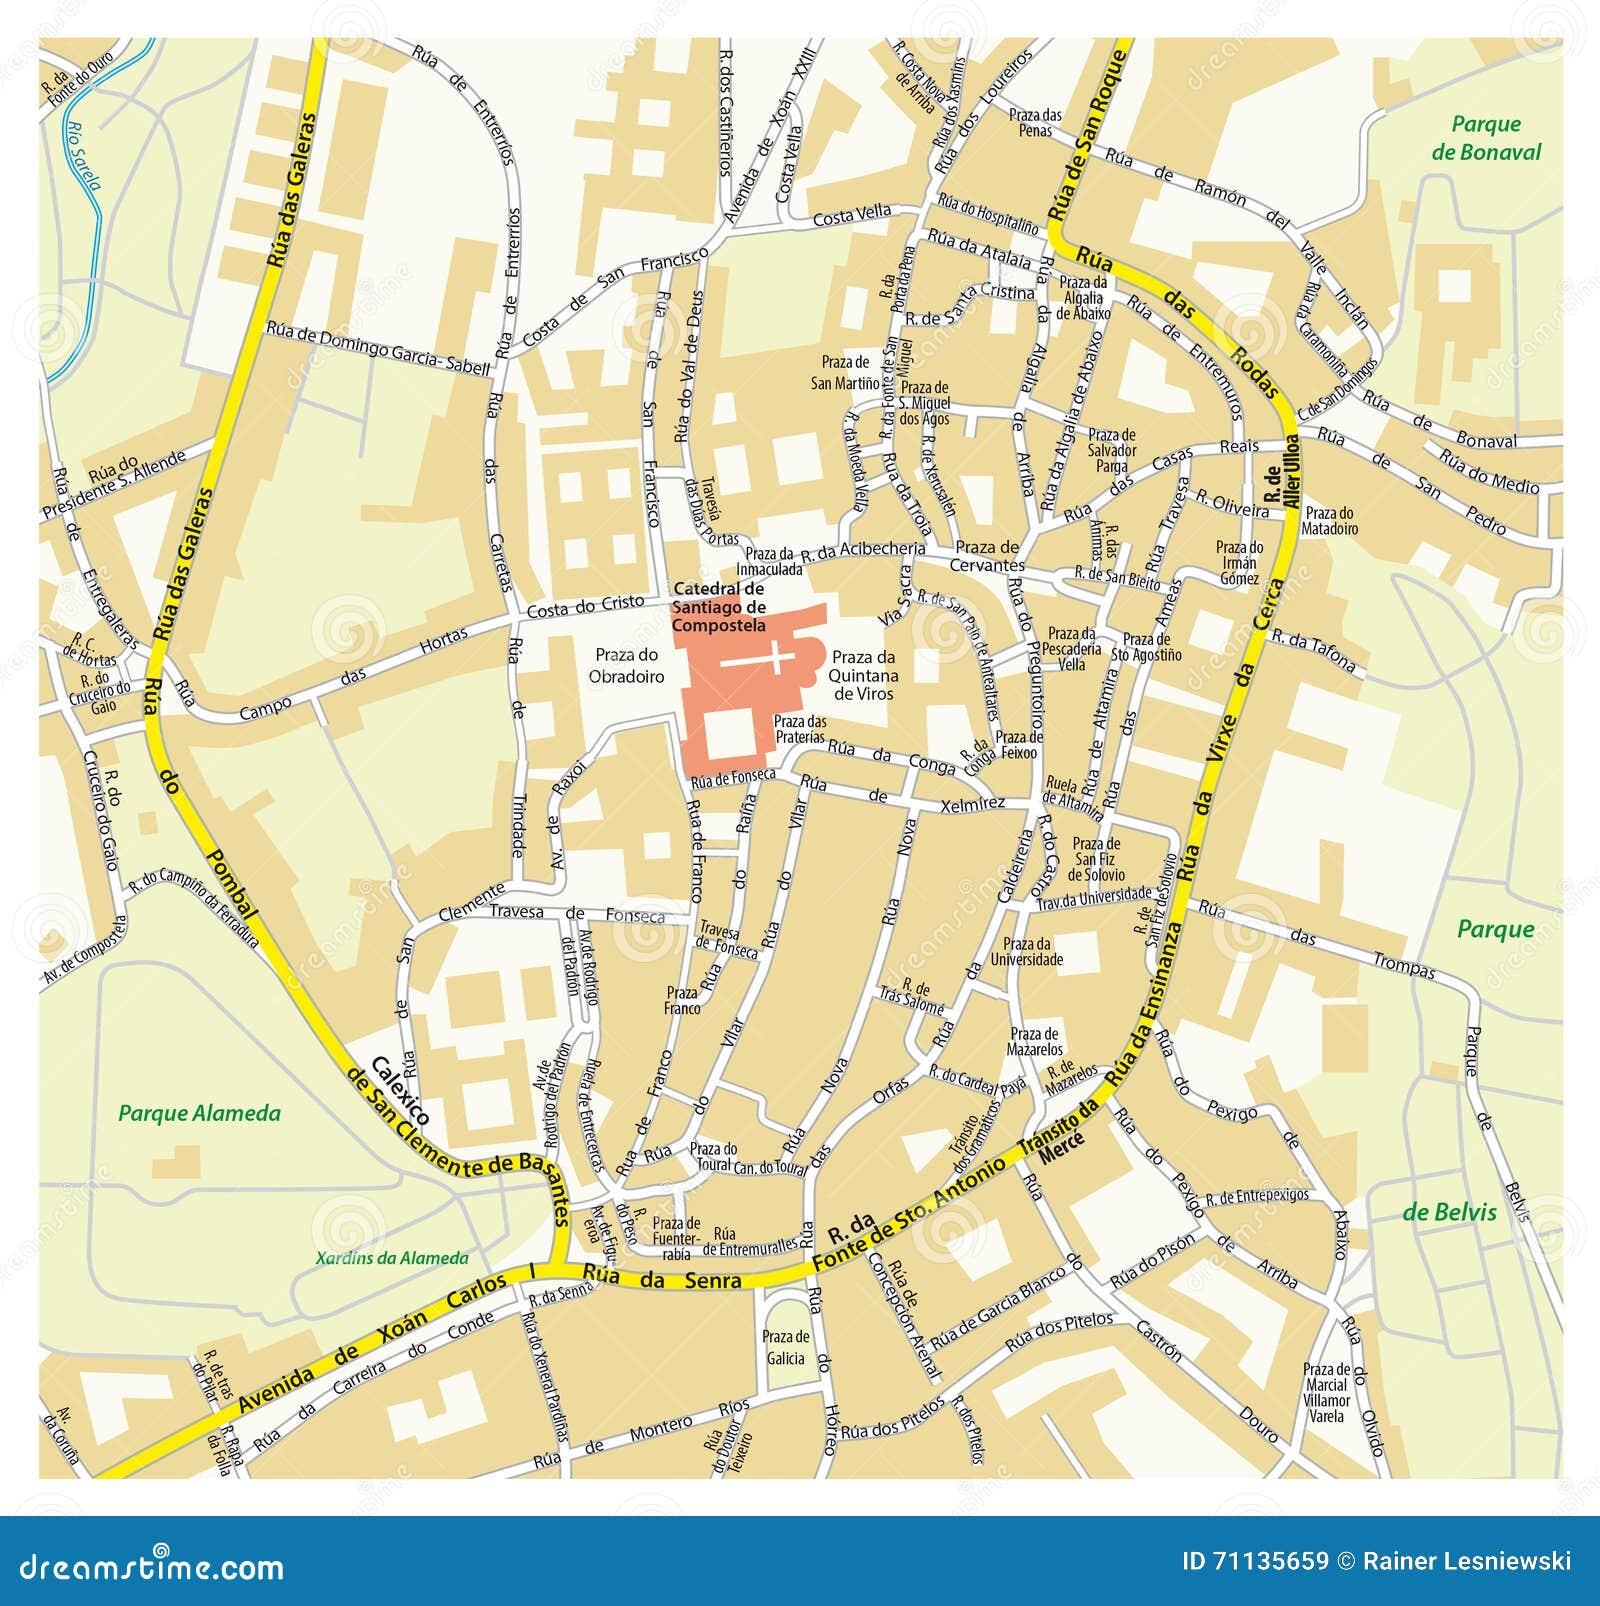 Mapa Da Cidade De Santiago De Compostela Espanha Imagem De Stock